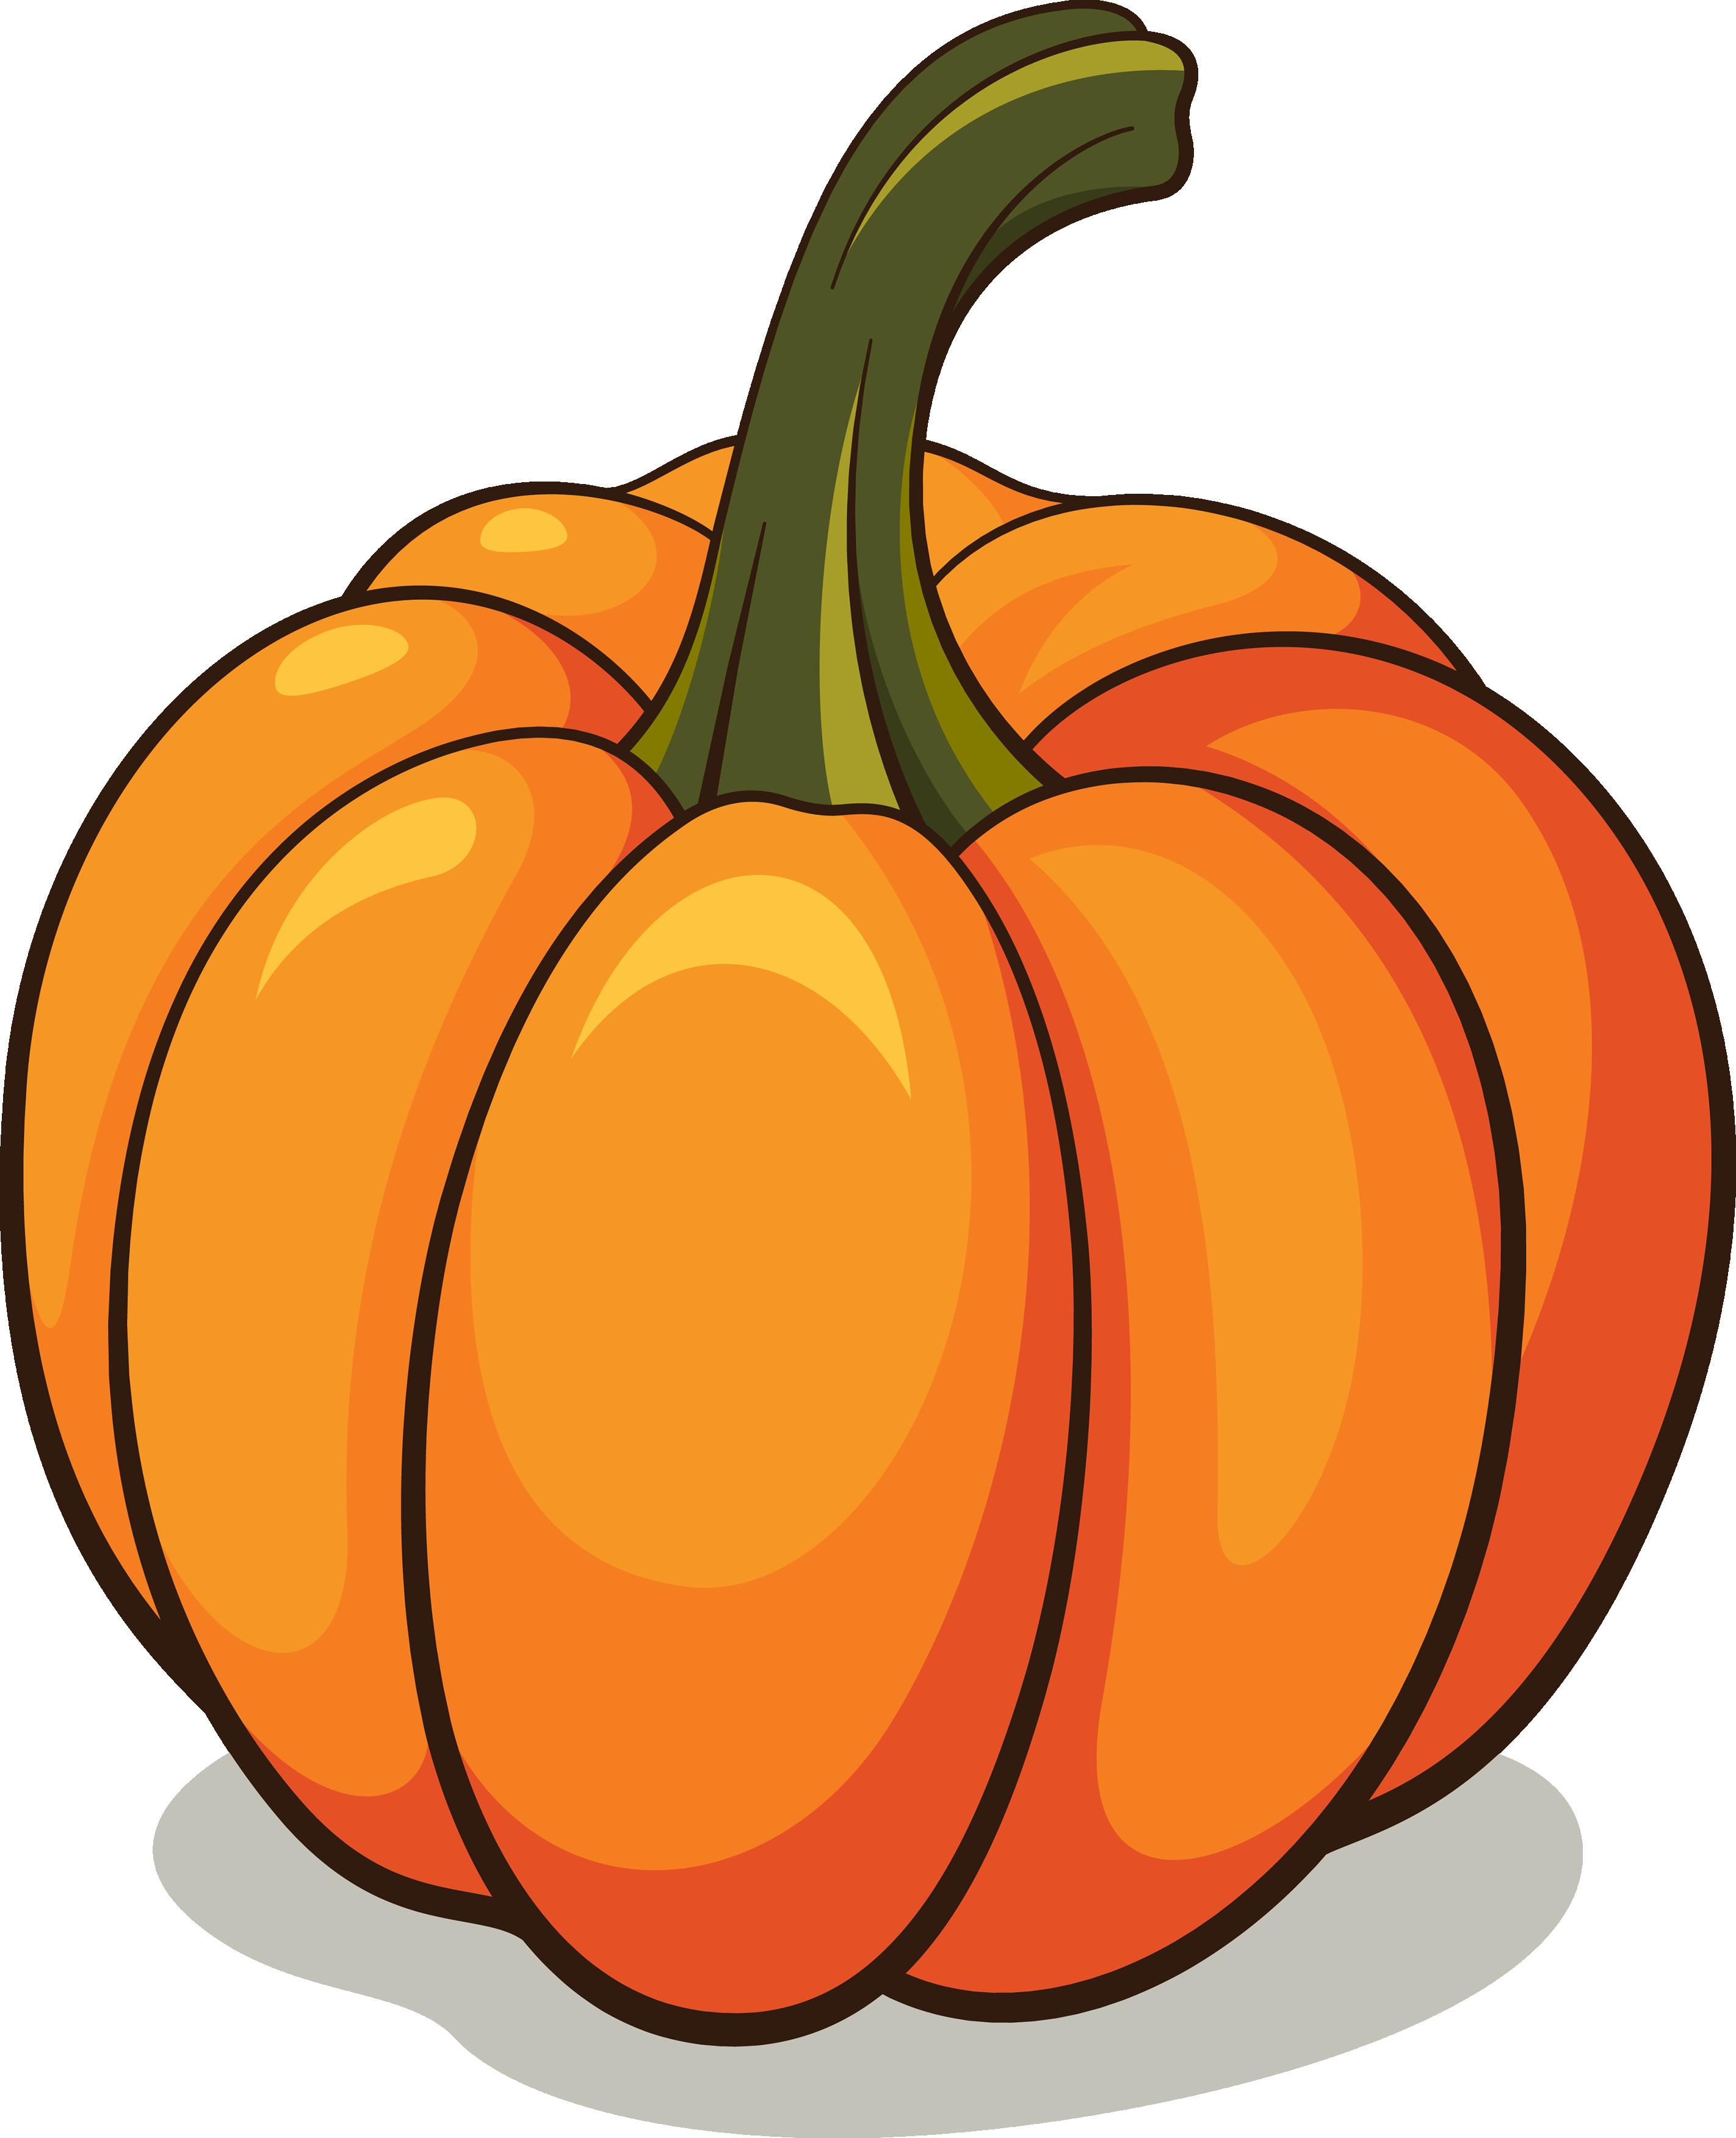 pumpkin_PNG9359.png 2,844×3,503 pixels Pumpkin vector